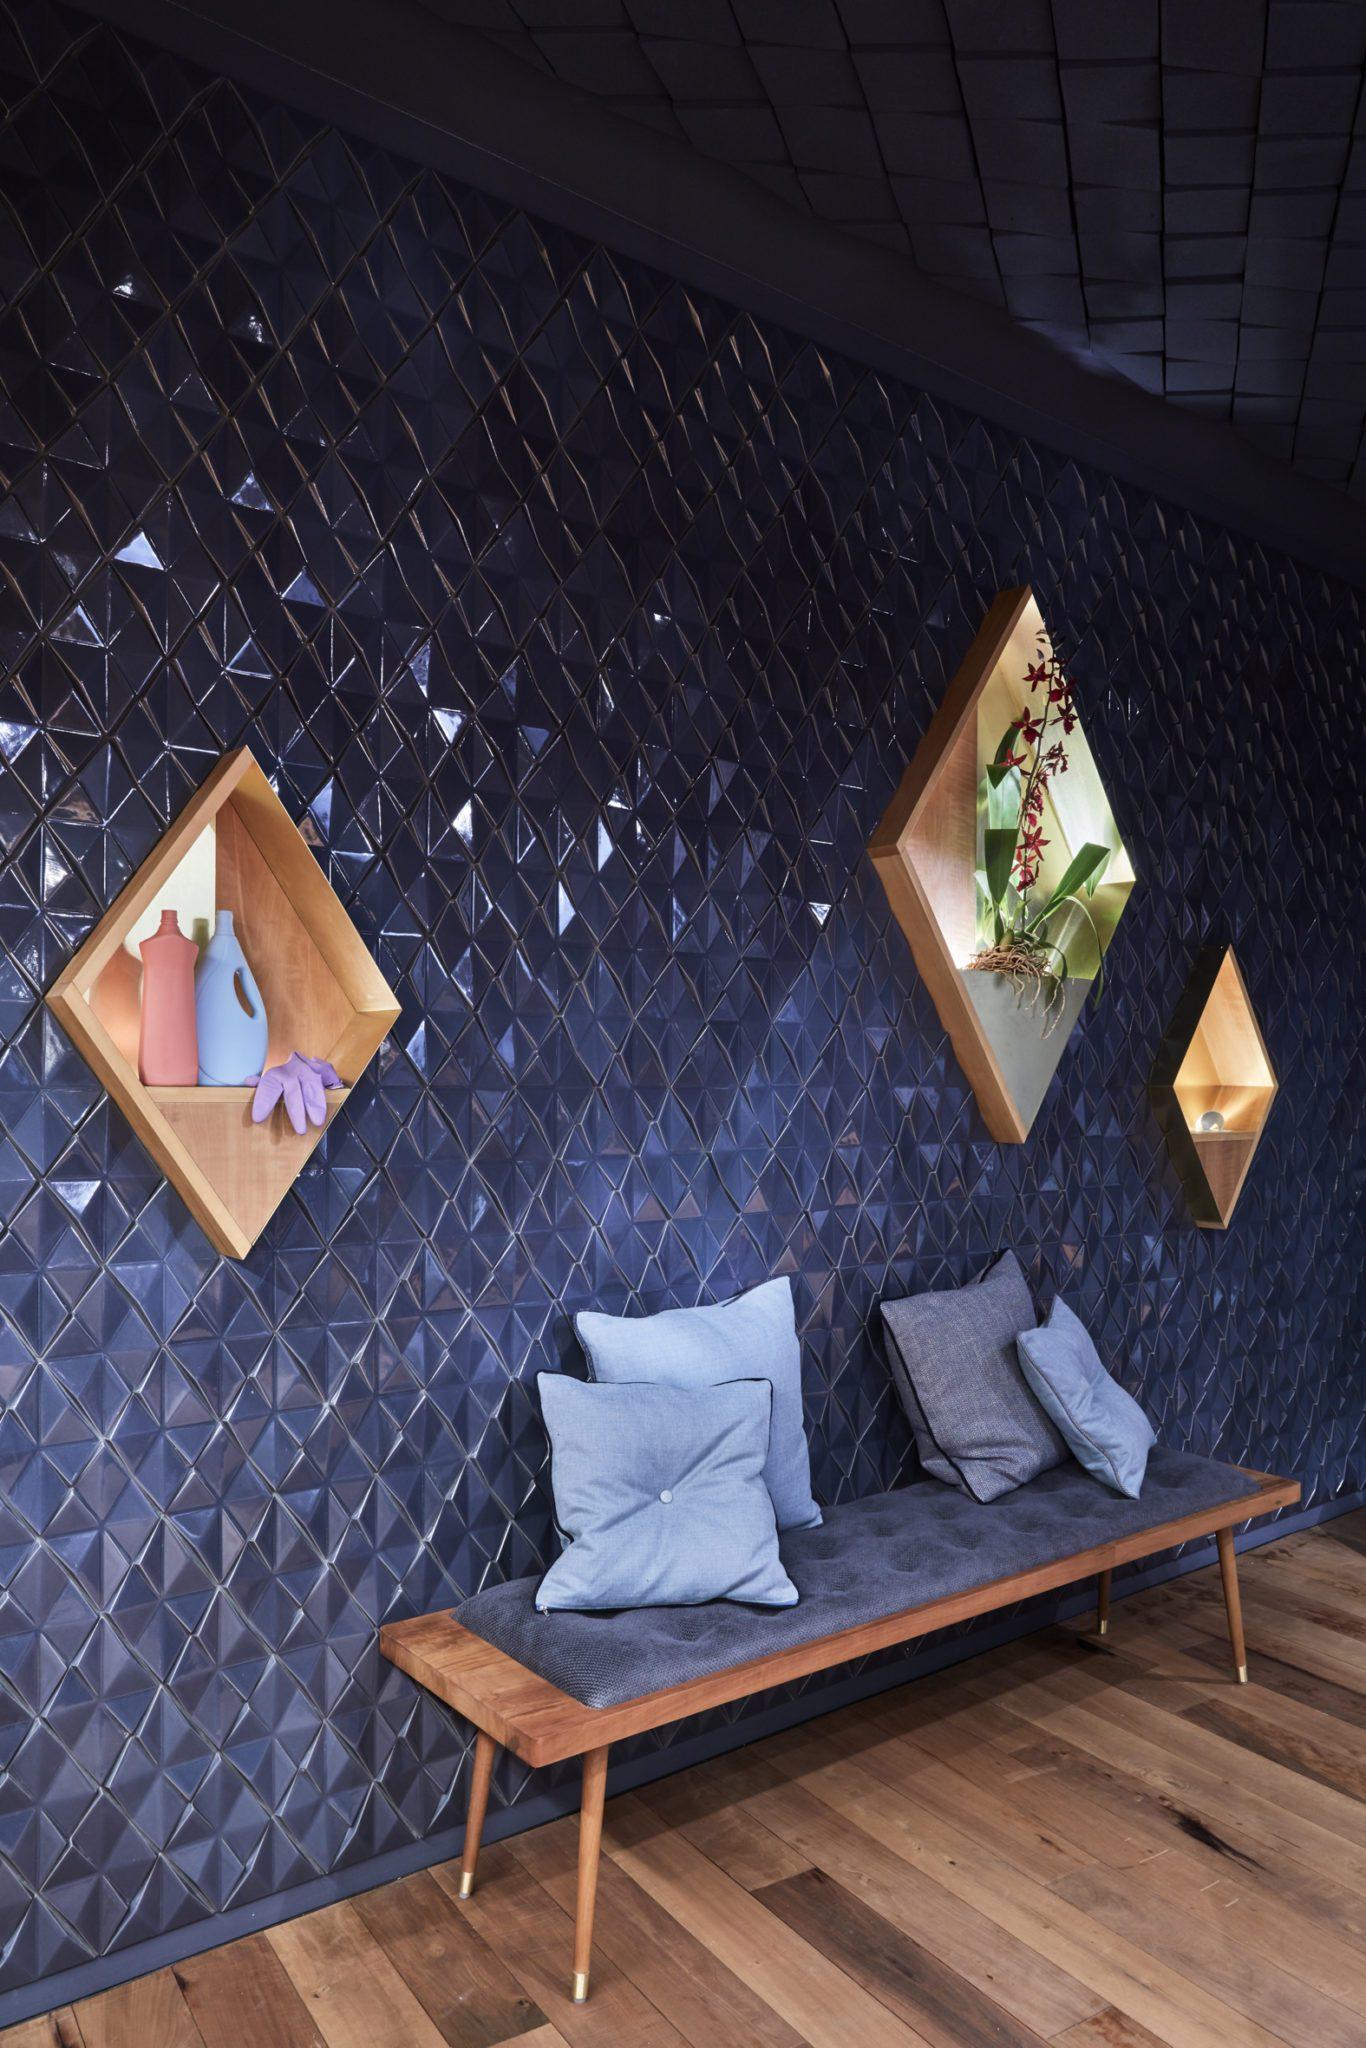 Die Sitzbank in der Bar Bonechina in Frankfurt